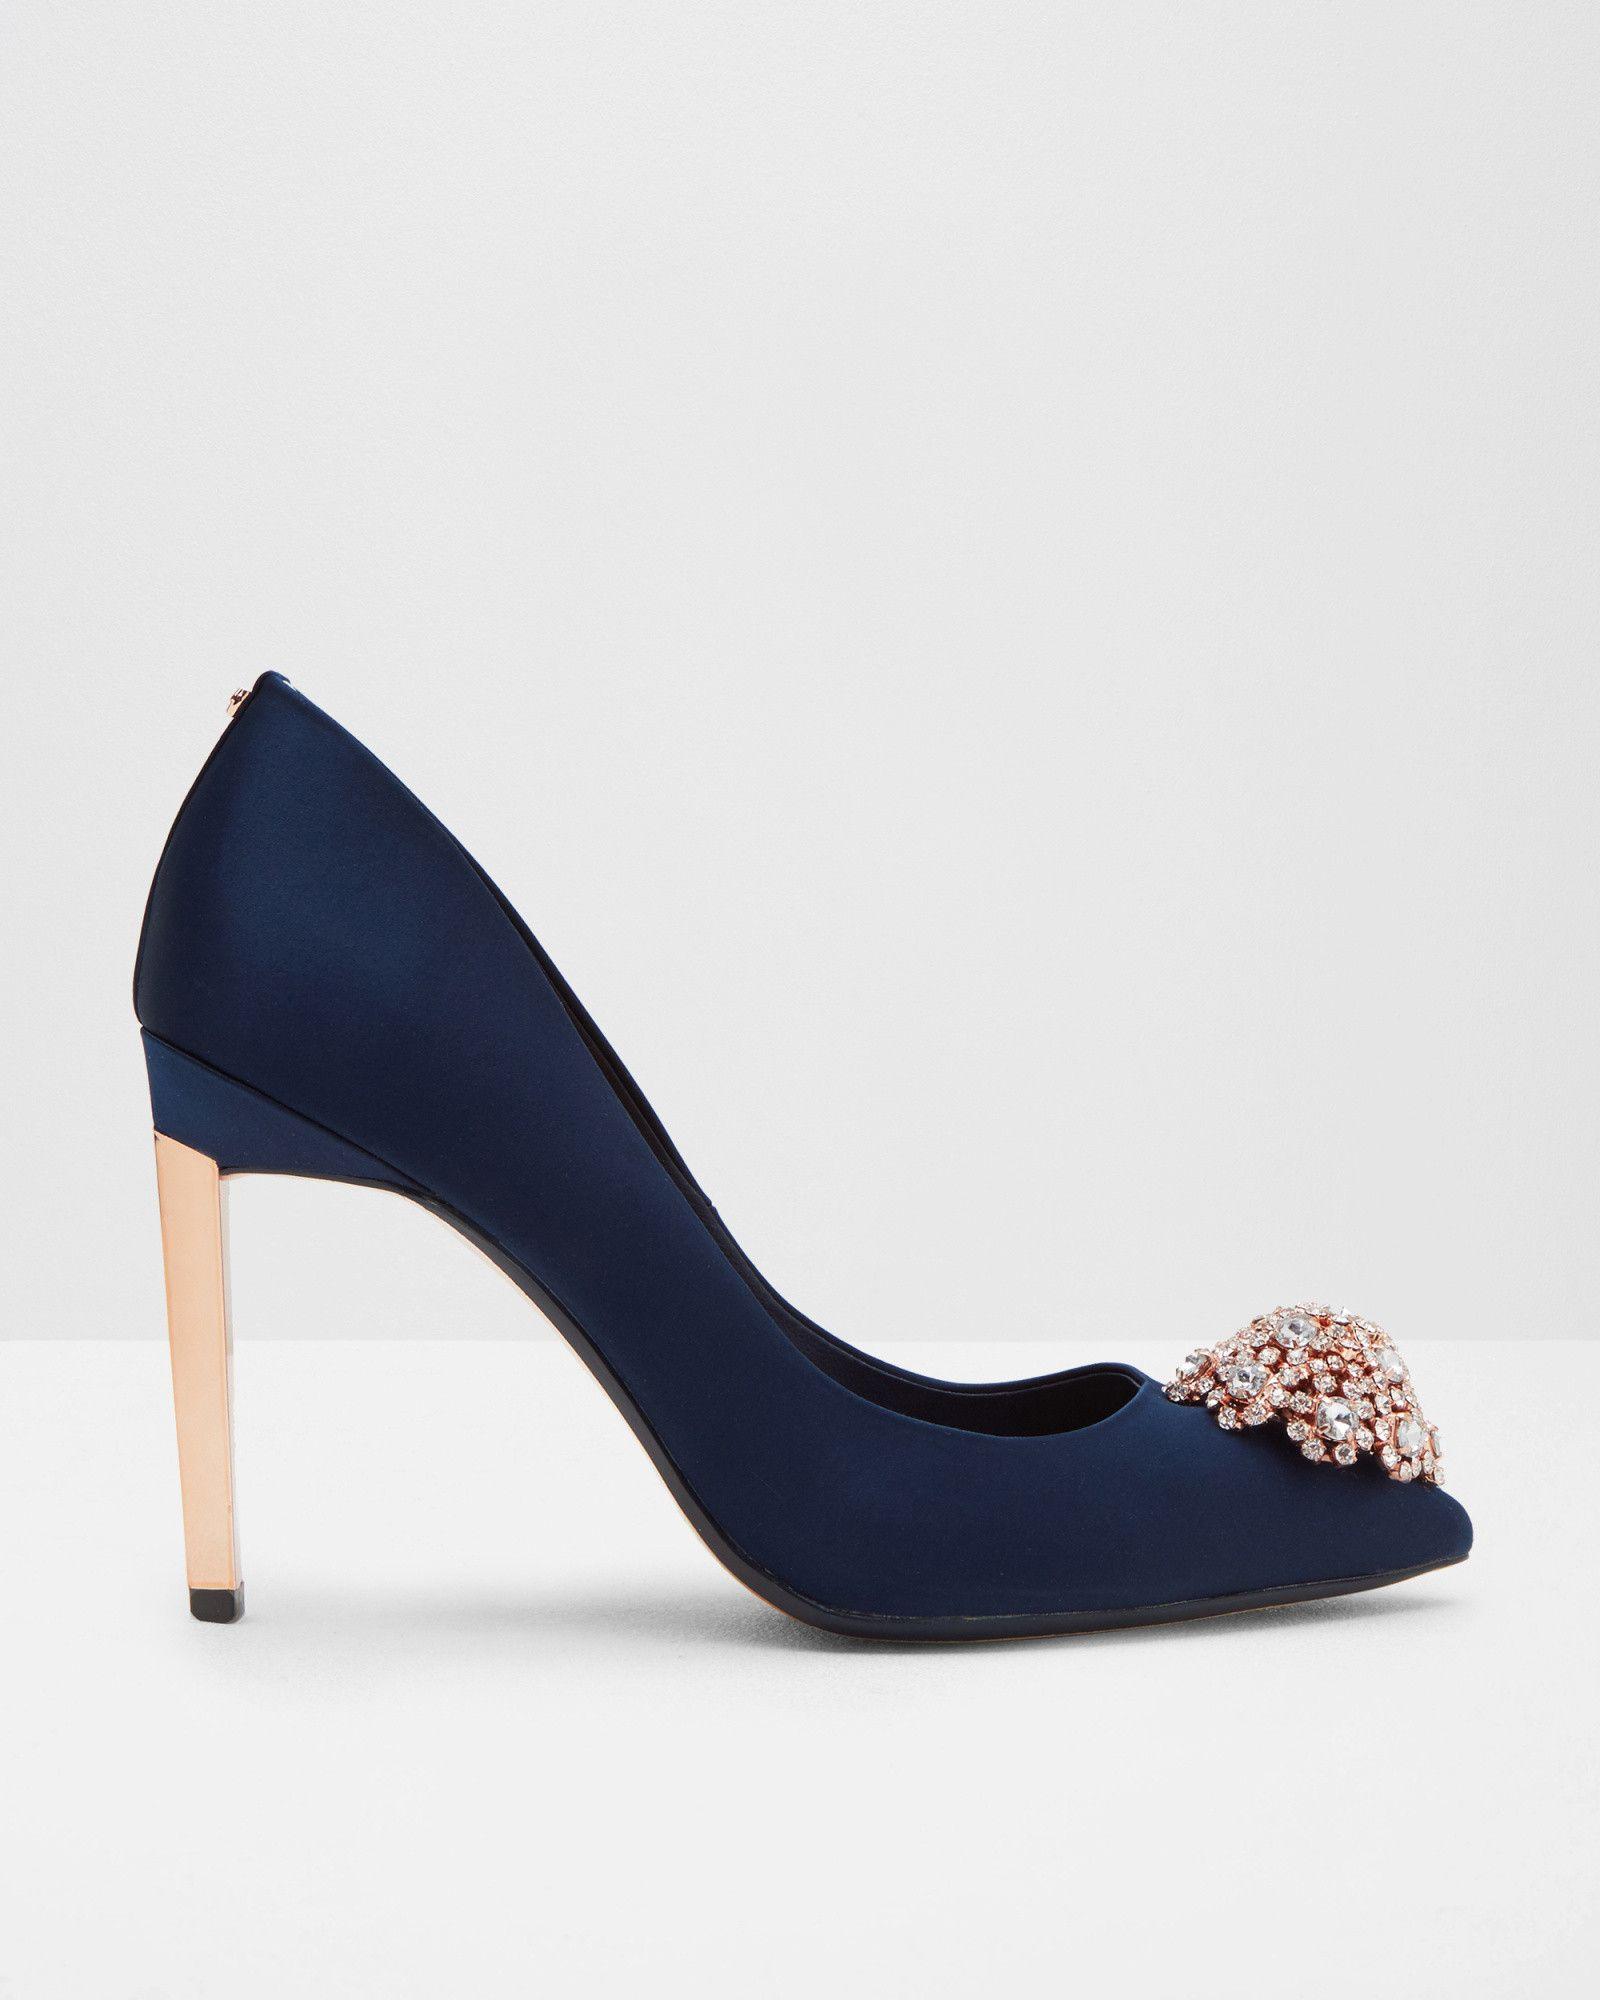 Pumps mit Broschendetail - Marineblau | Schuhe | Ted Baker DE ...